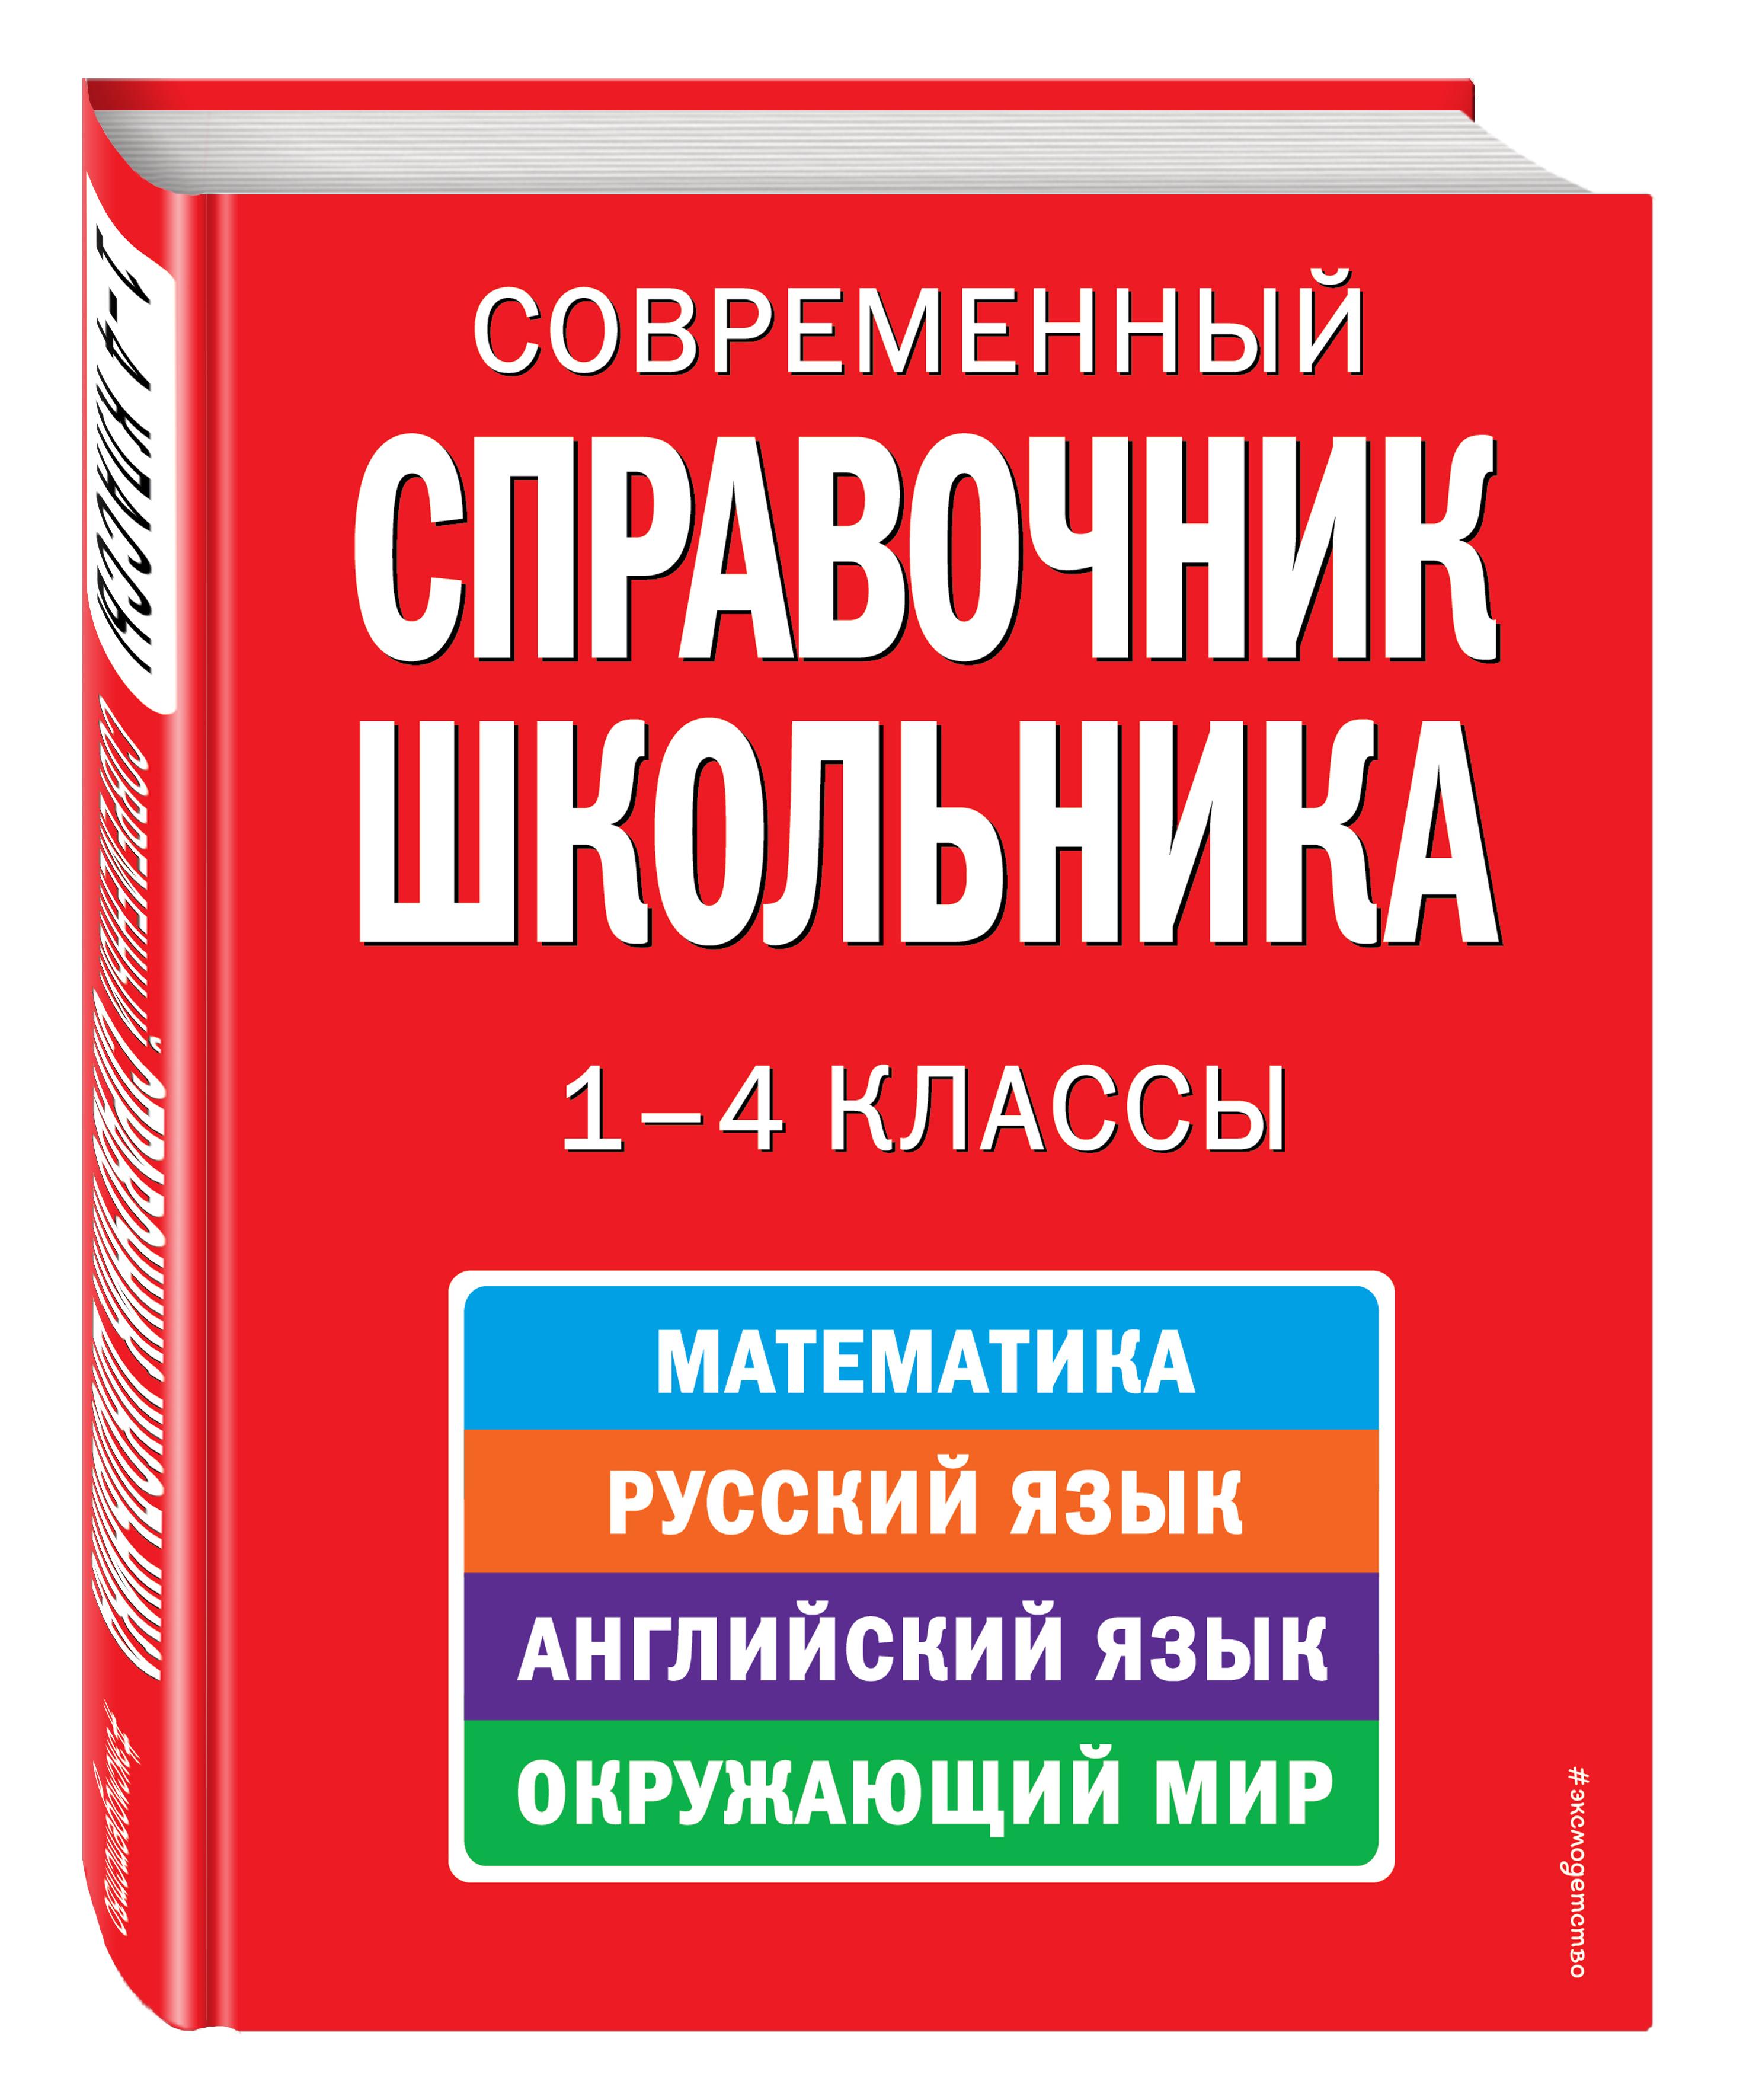 Курганов С.Ю. Современный справочник школьника: 1-4 классы